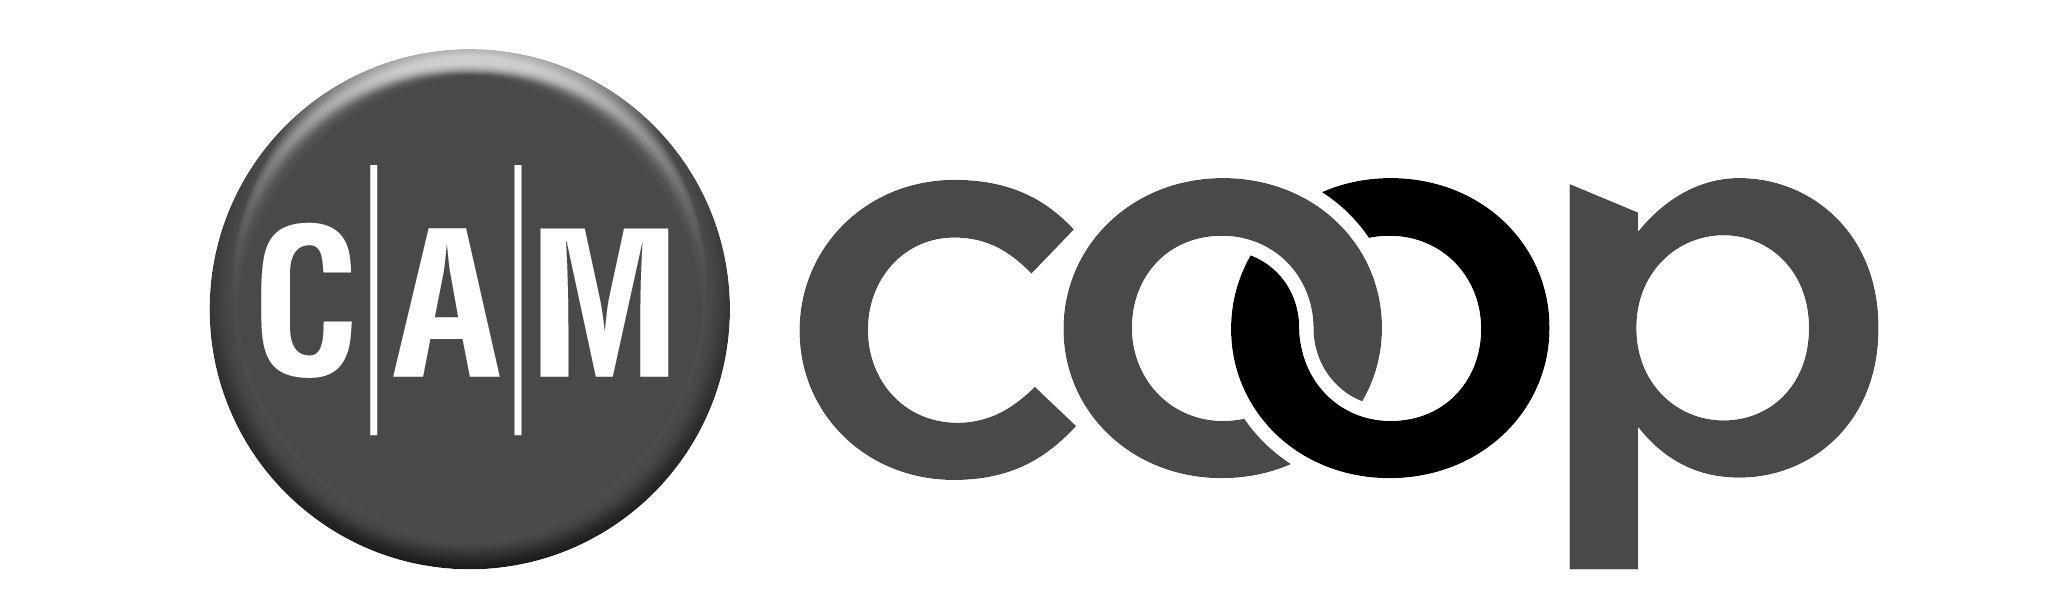 Cam Coop